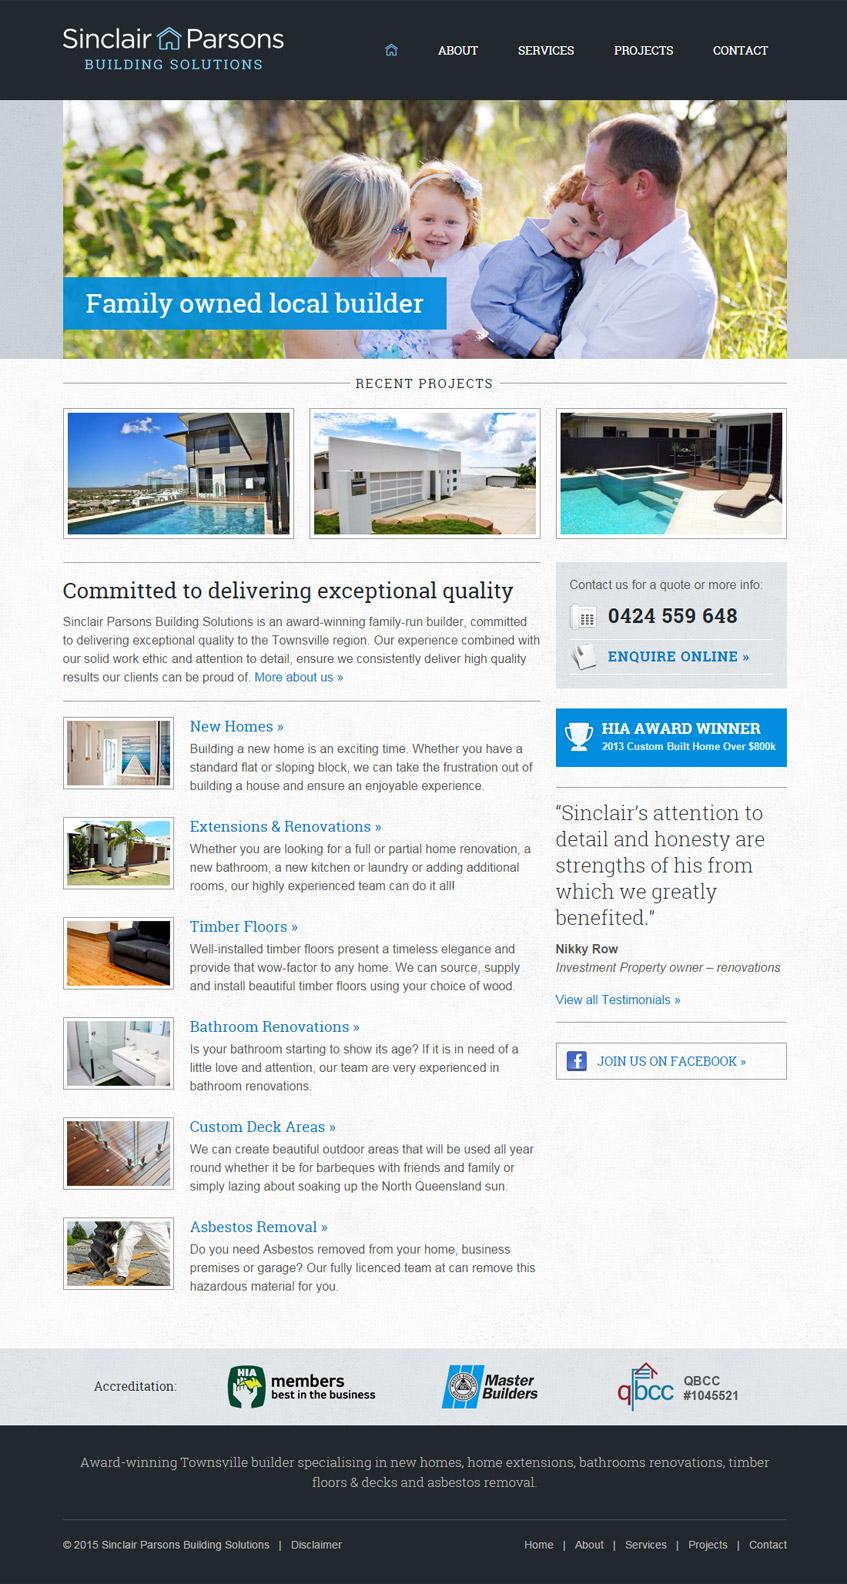 Sinclair Parsons Builder Website Design